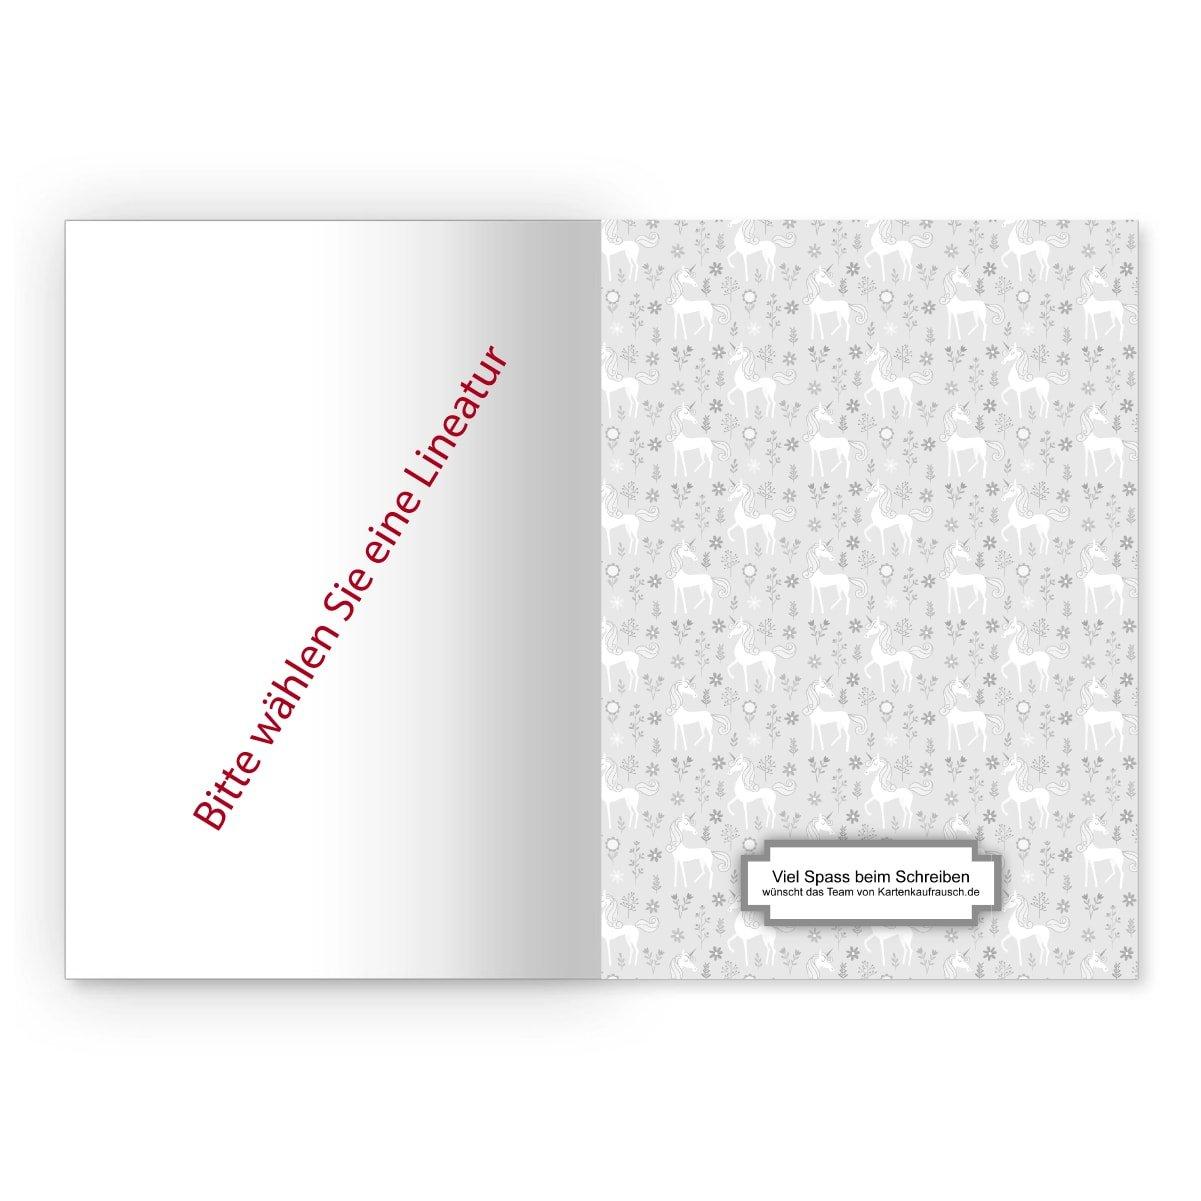 Zauberhafte M/ädchen DIN A5 Schulhefte Kartenkaufrausch 2 personalisierte blanko Heft Schreibhefte mit Einh/örnern in gr/ün Lineatur 6